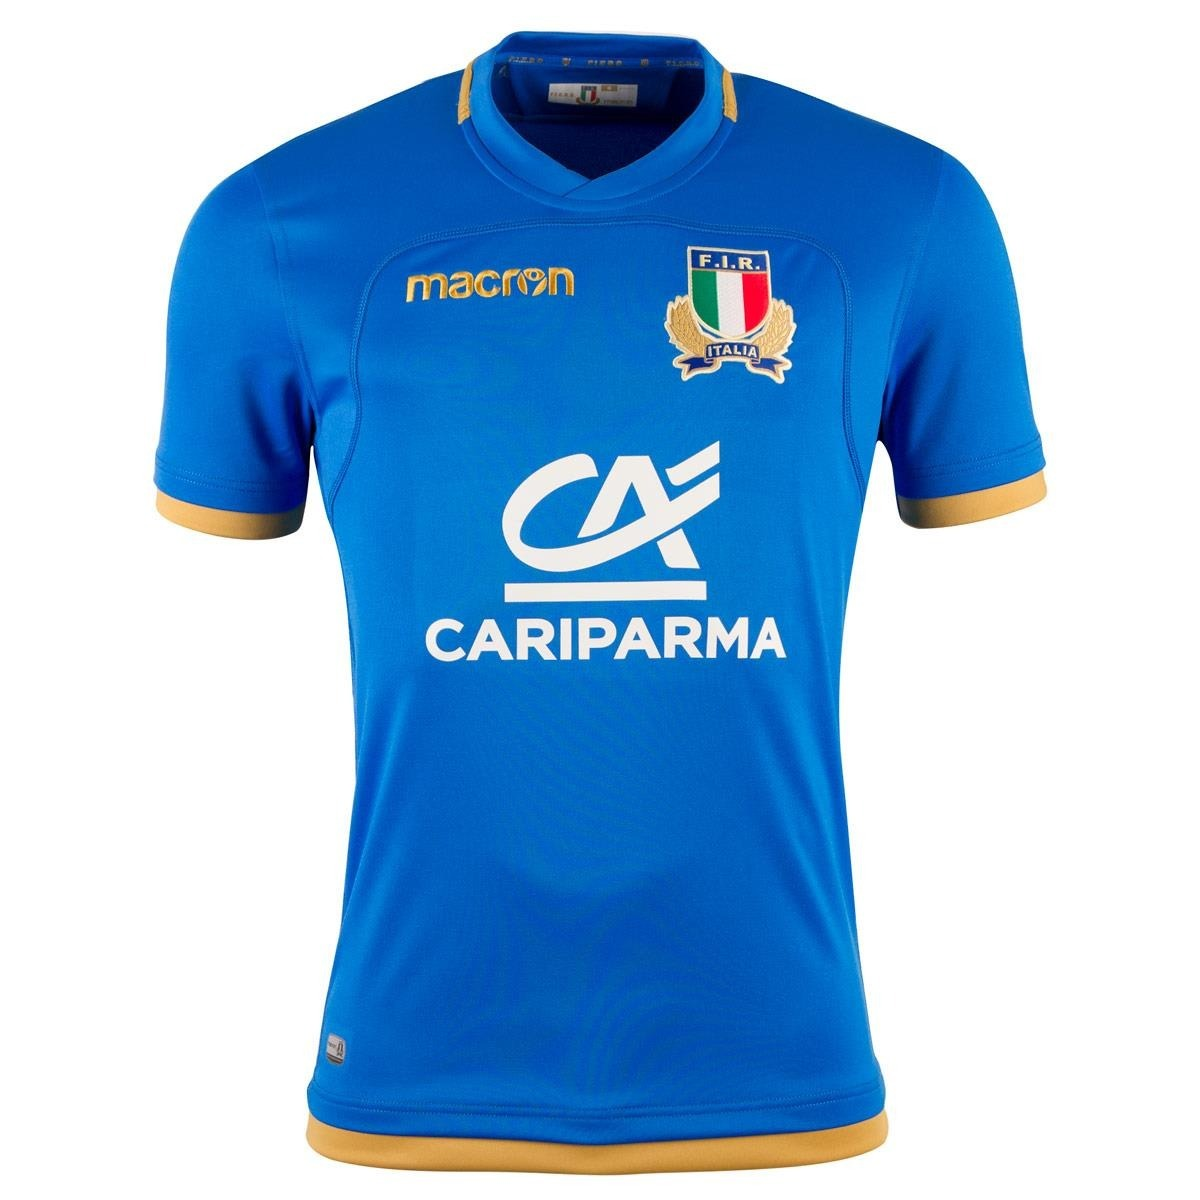 7af01dff36 Camiseta De Rugby Itália 2018 Tamanho G +brinde - R$ 159,00 em ...